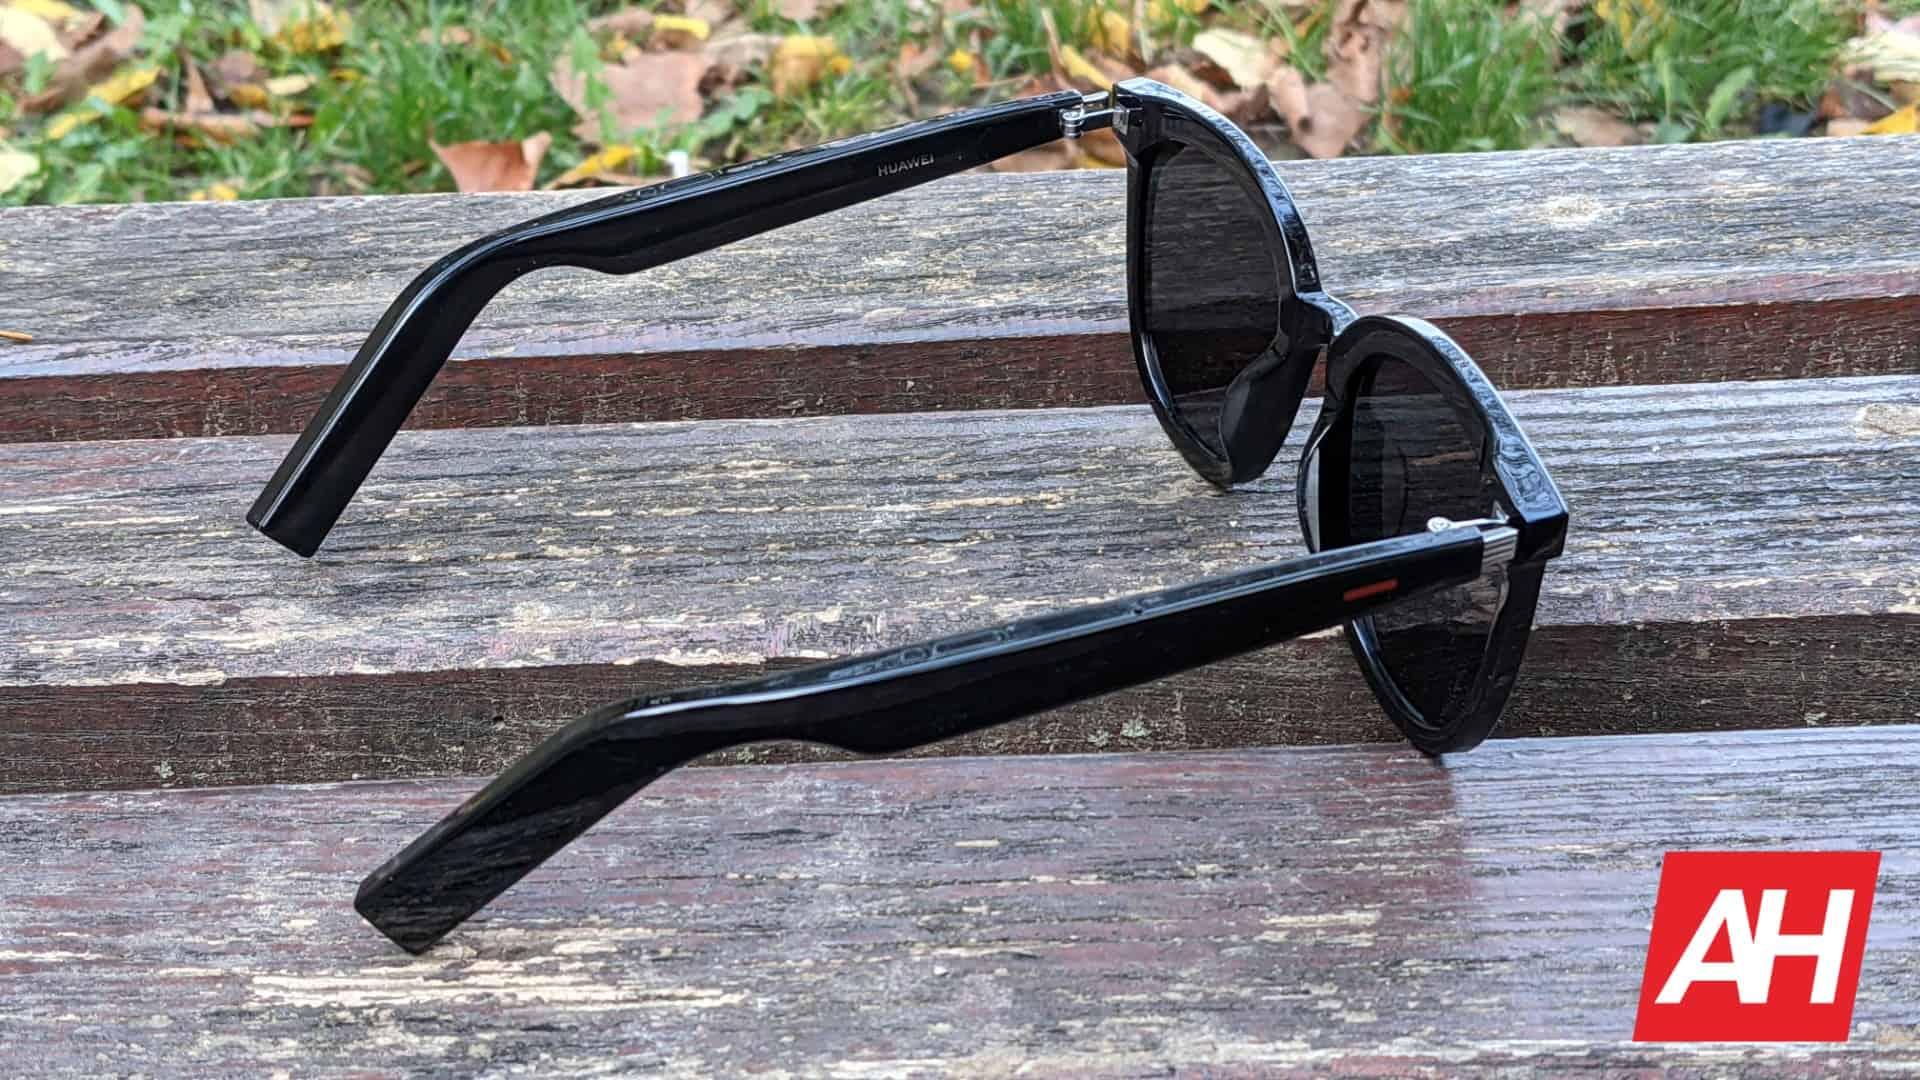 AH Huawei X Gentle Monster Eyewear II image 22